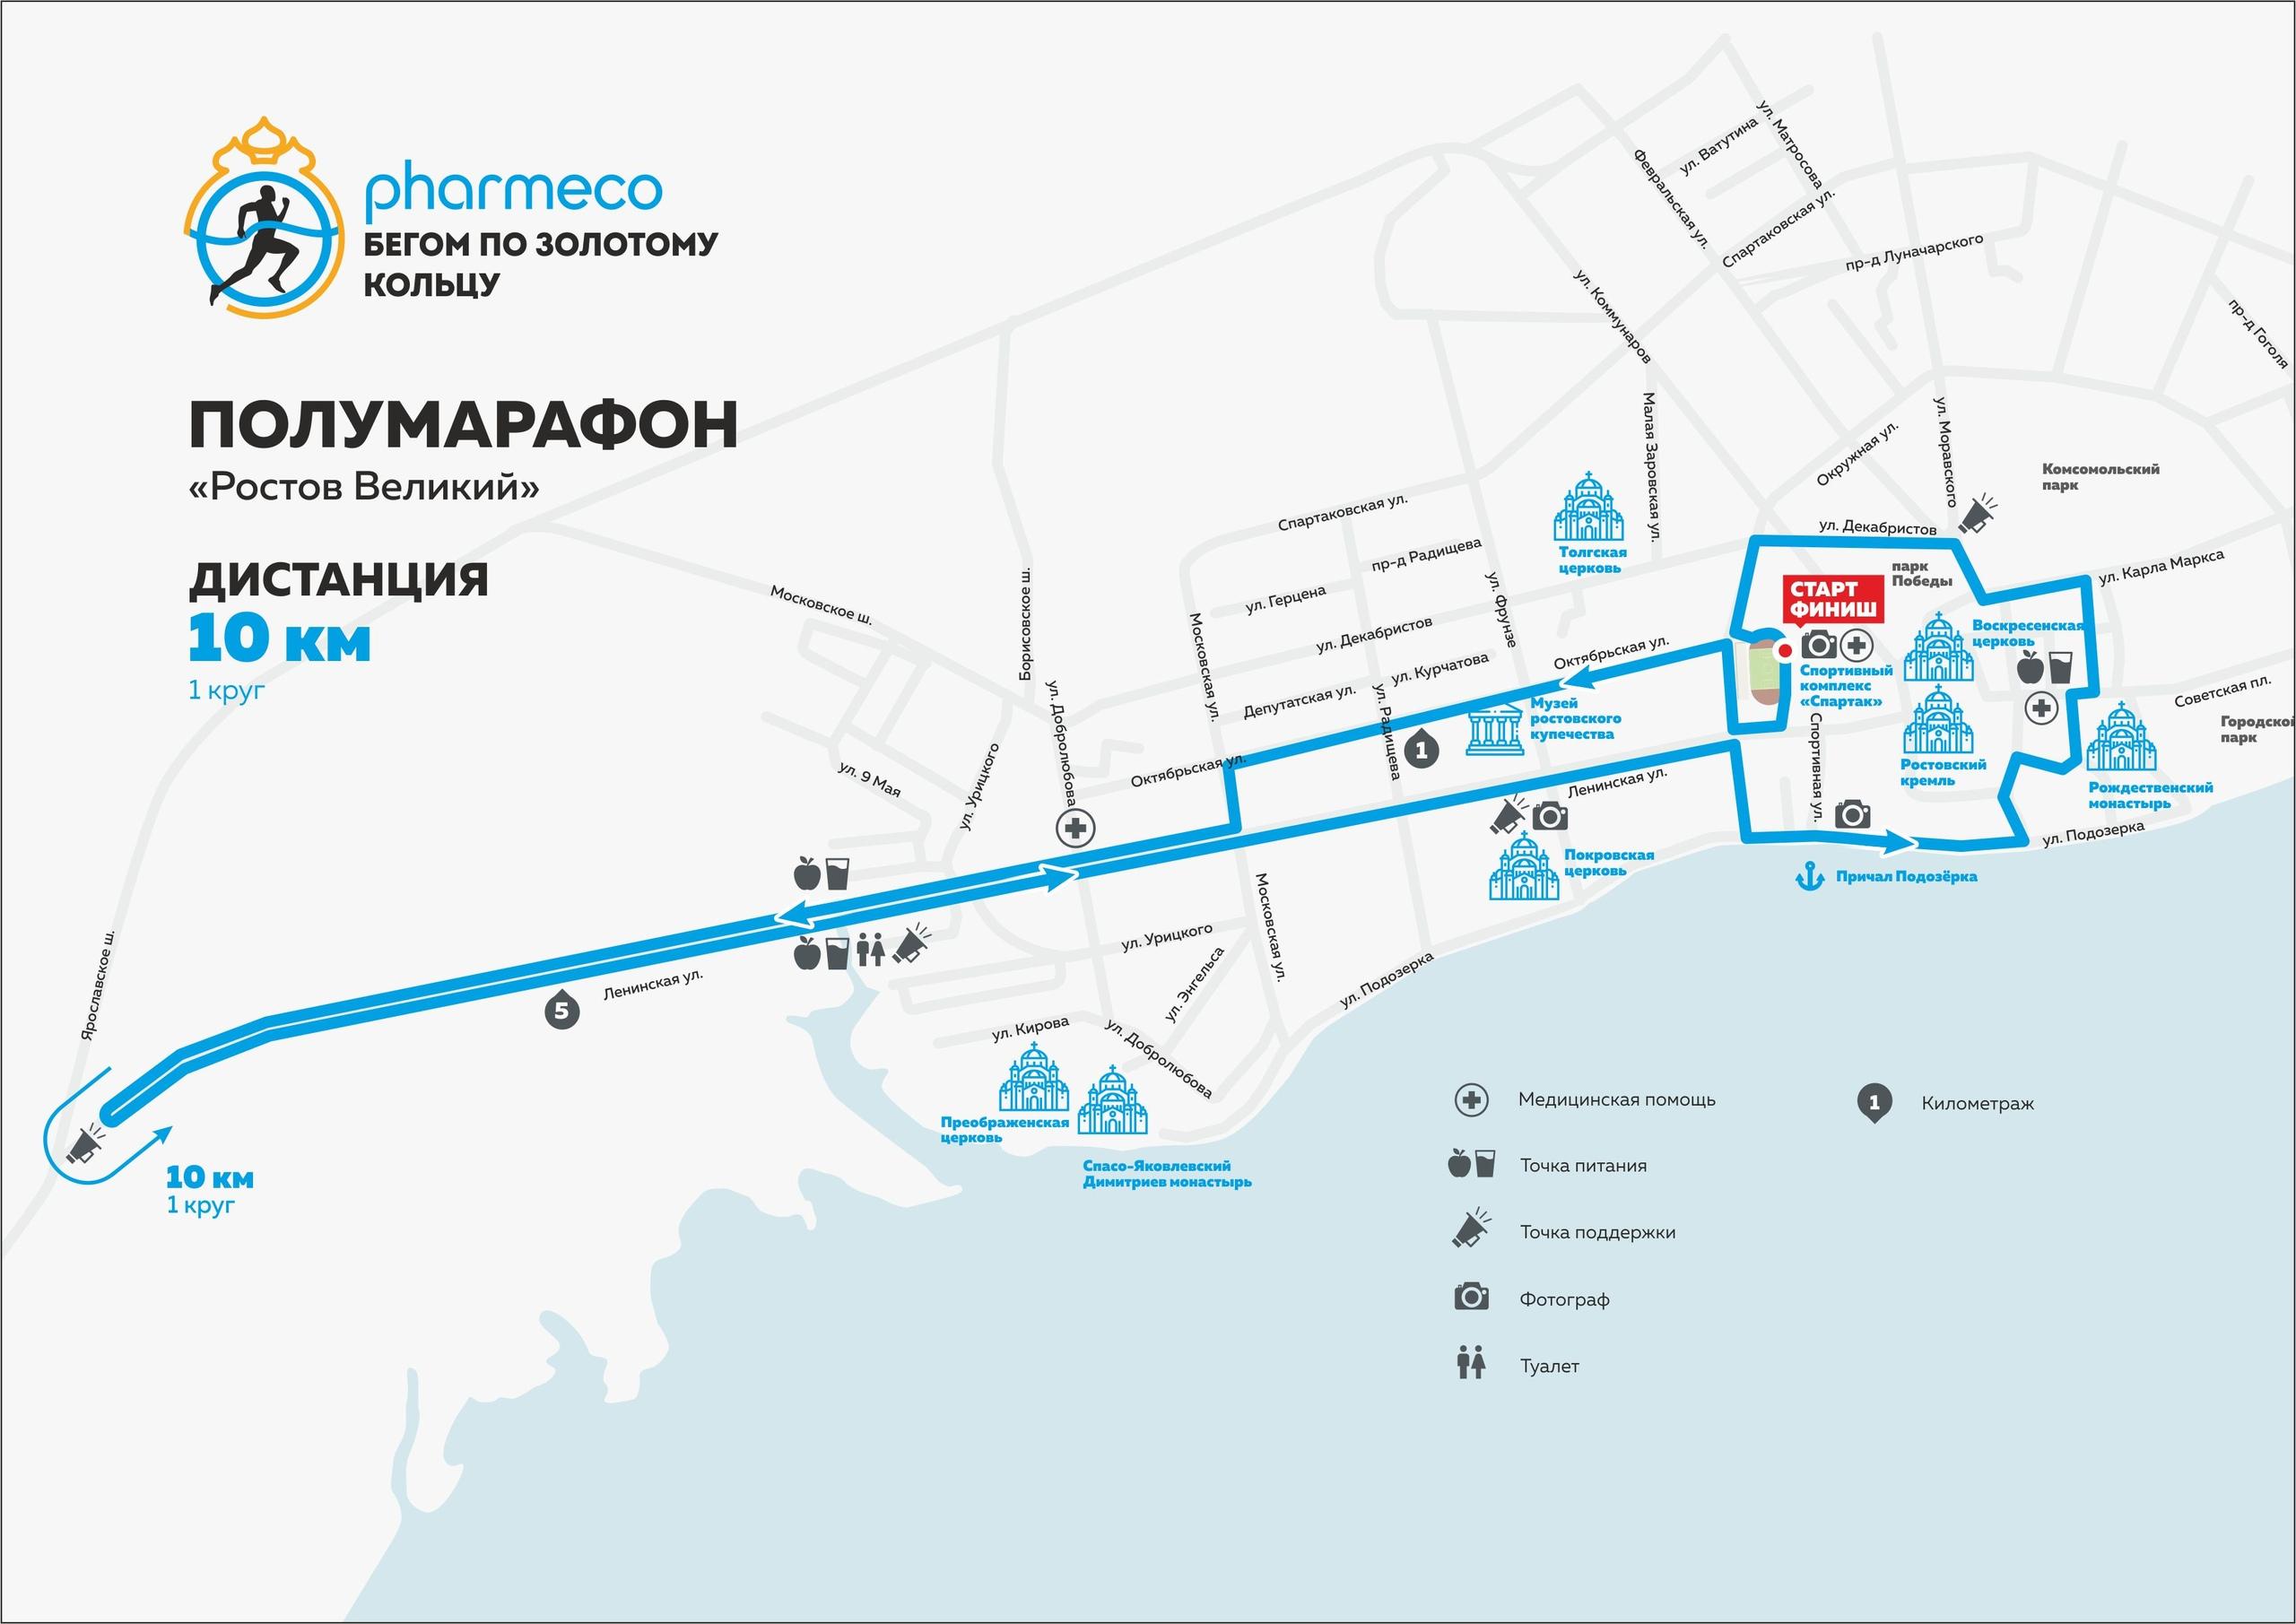 10 км. Полумарафон Ростов Великий 2019